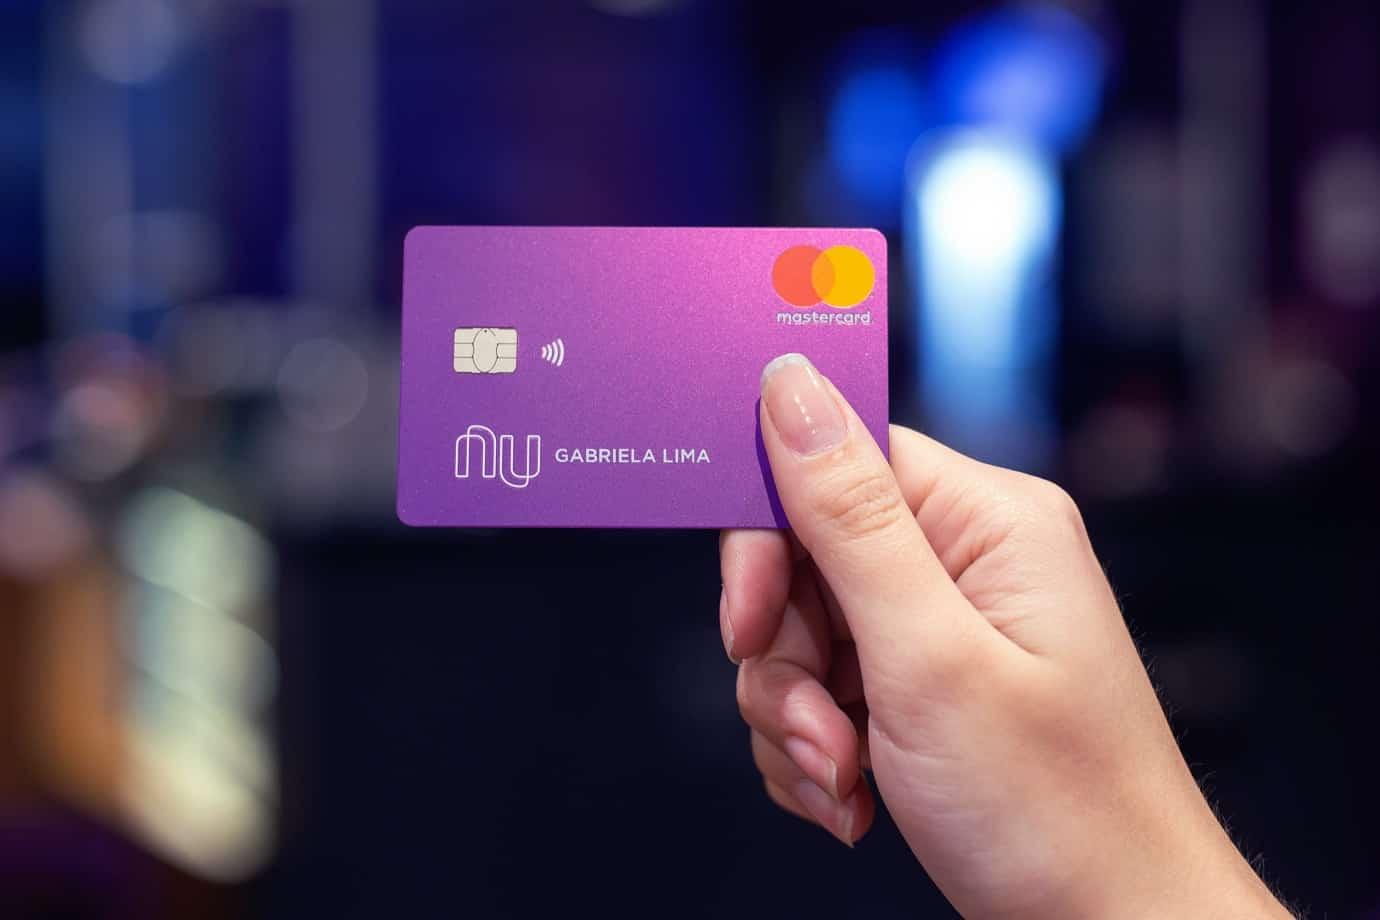 Convite Nubank te ajuda a finalmente conseguir o seu cartão de crédito